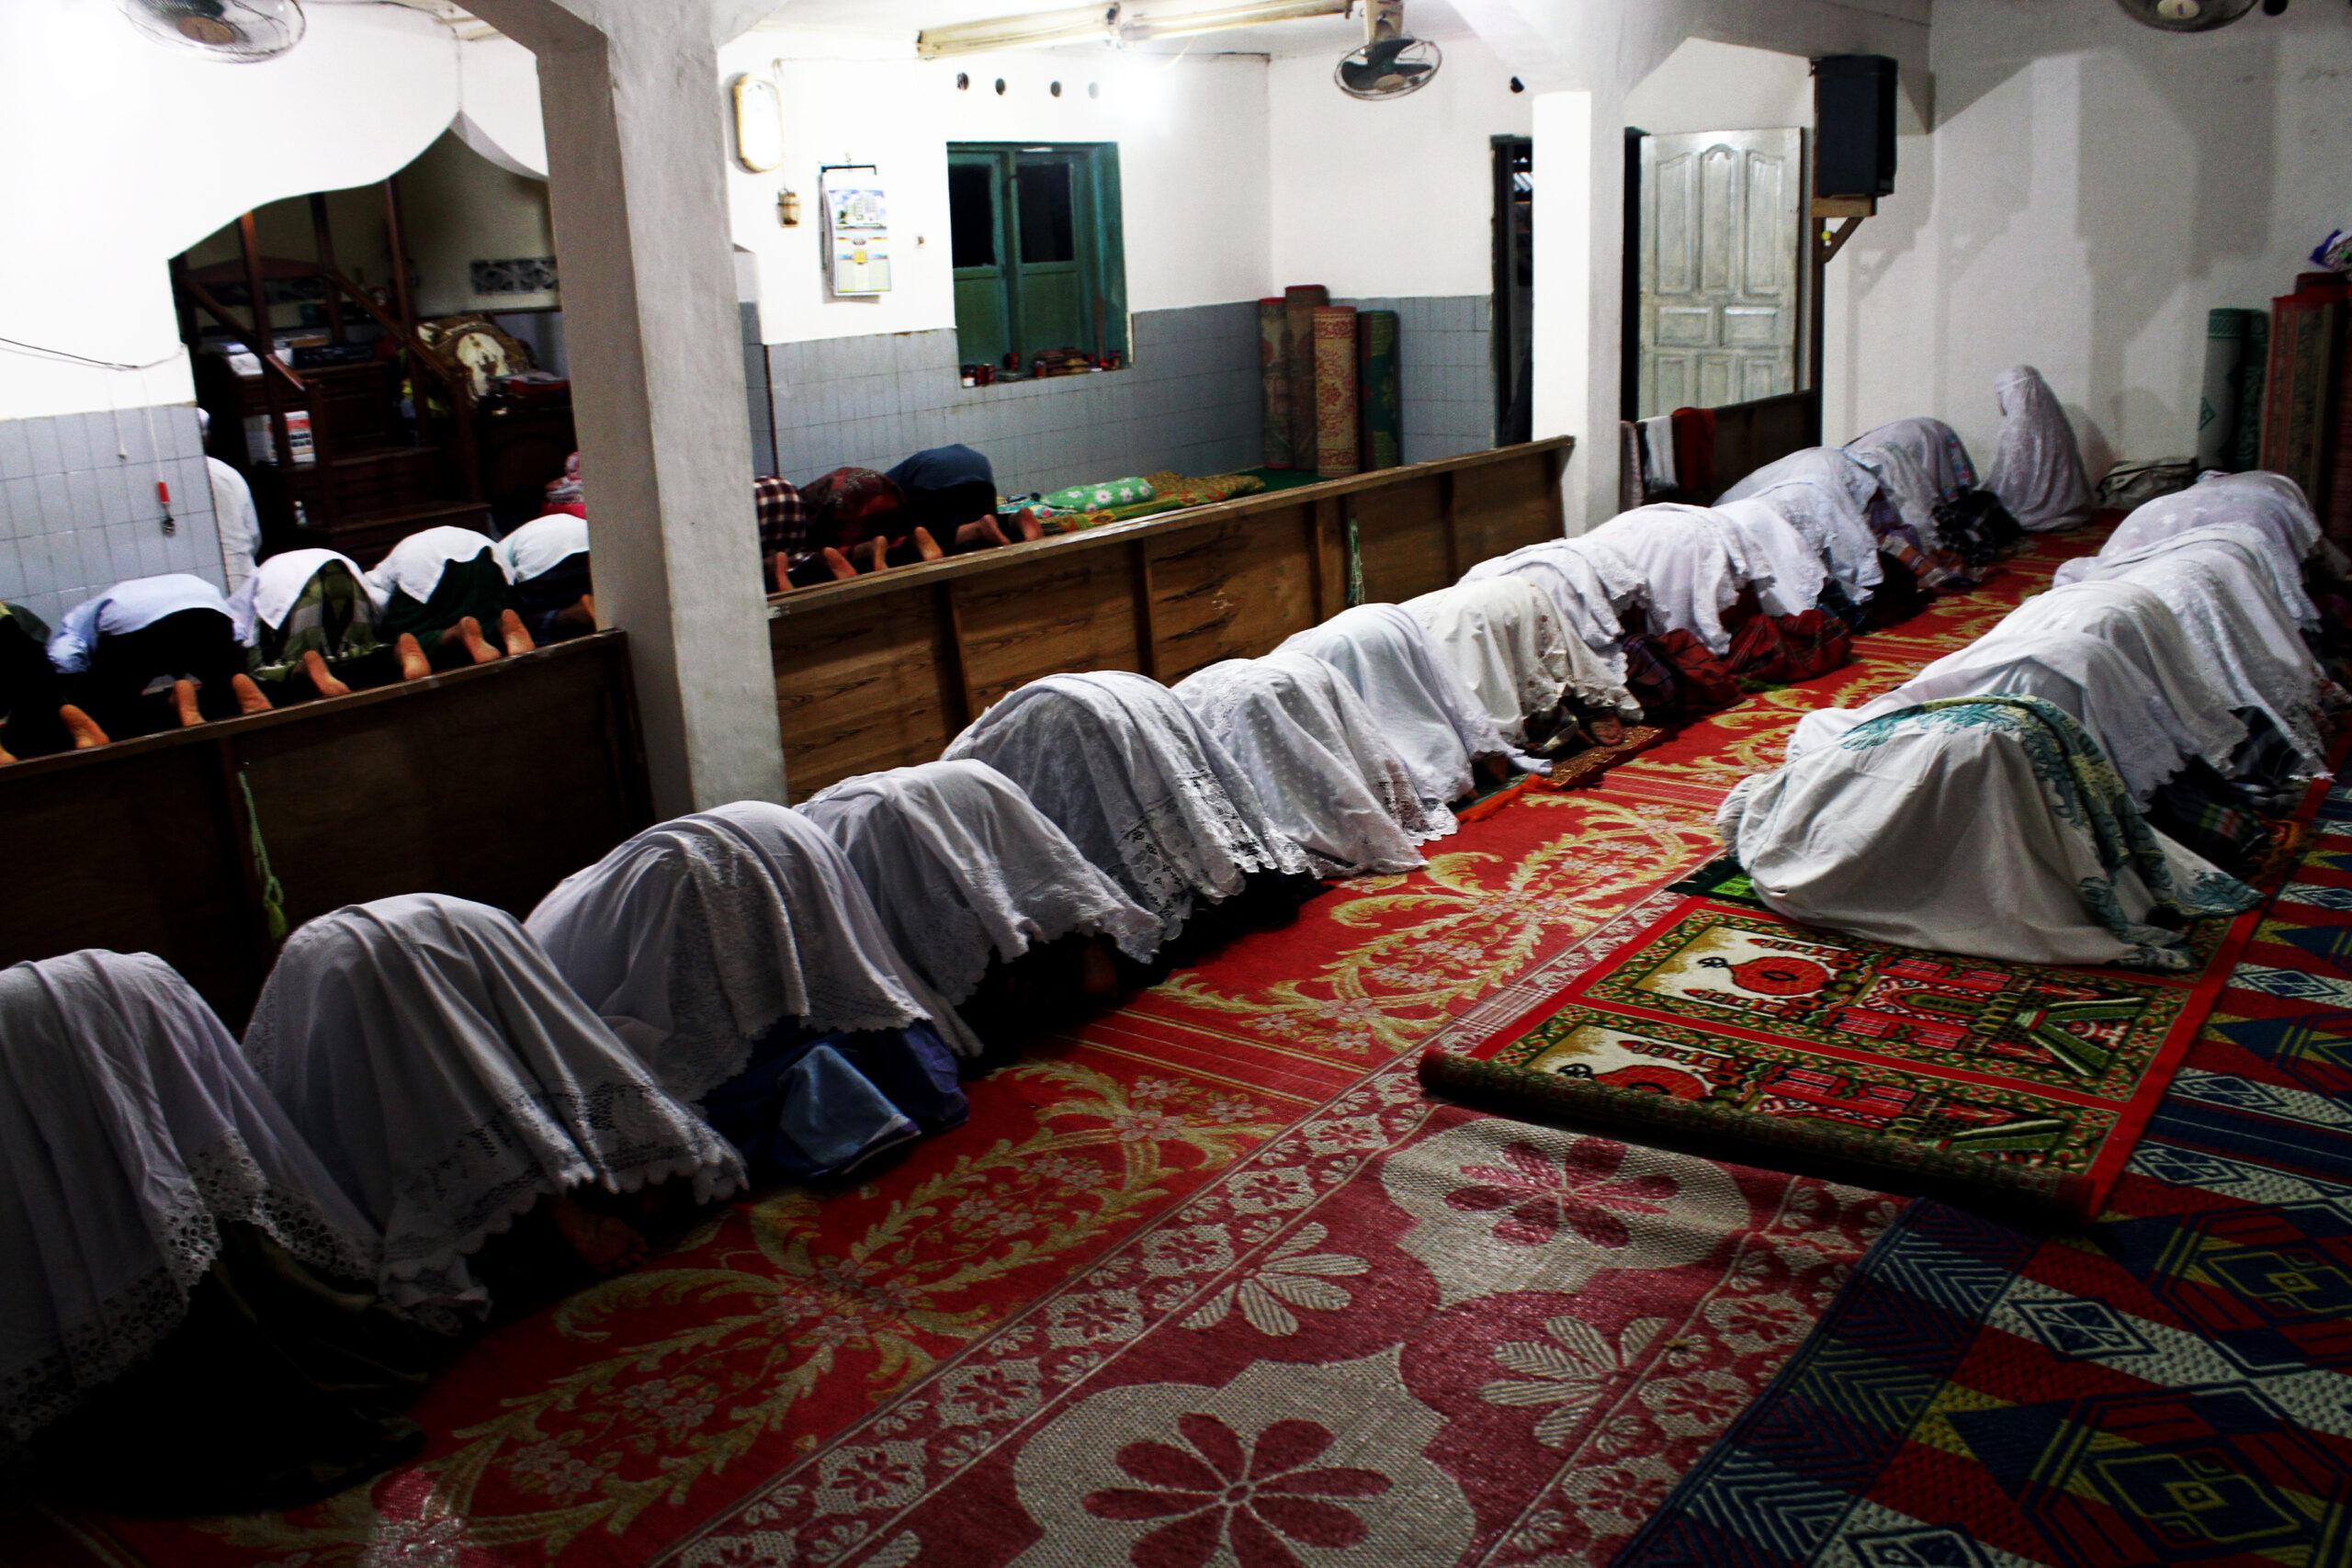 Jamaah tarekat Naqsabandiyah di Padang, Sumatera Barat salat tarawih awal Ramadan 1439 hijriah/2018 masehi di Mushala Bai'tul Makmur, Pauh Lima, Kota Padang, Sumatera Barat (Sumbar). Dokumen : IG @tanharimage.